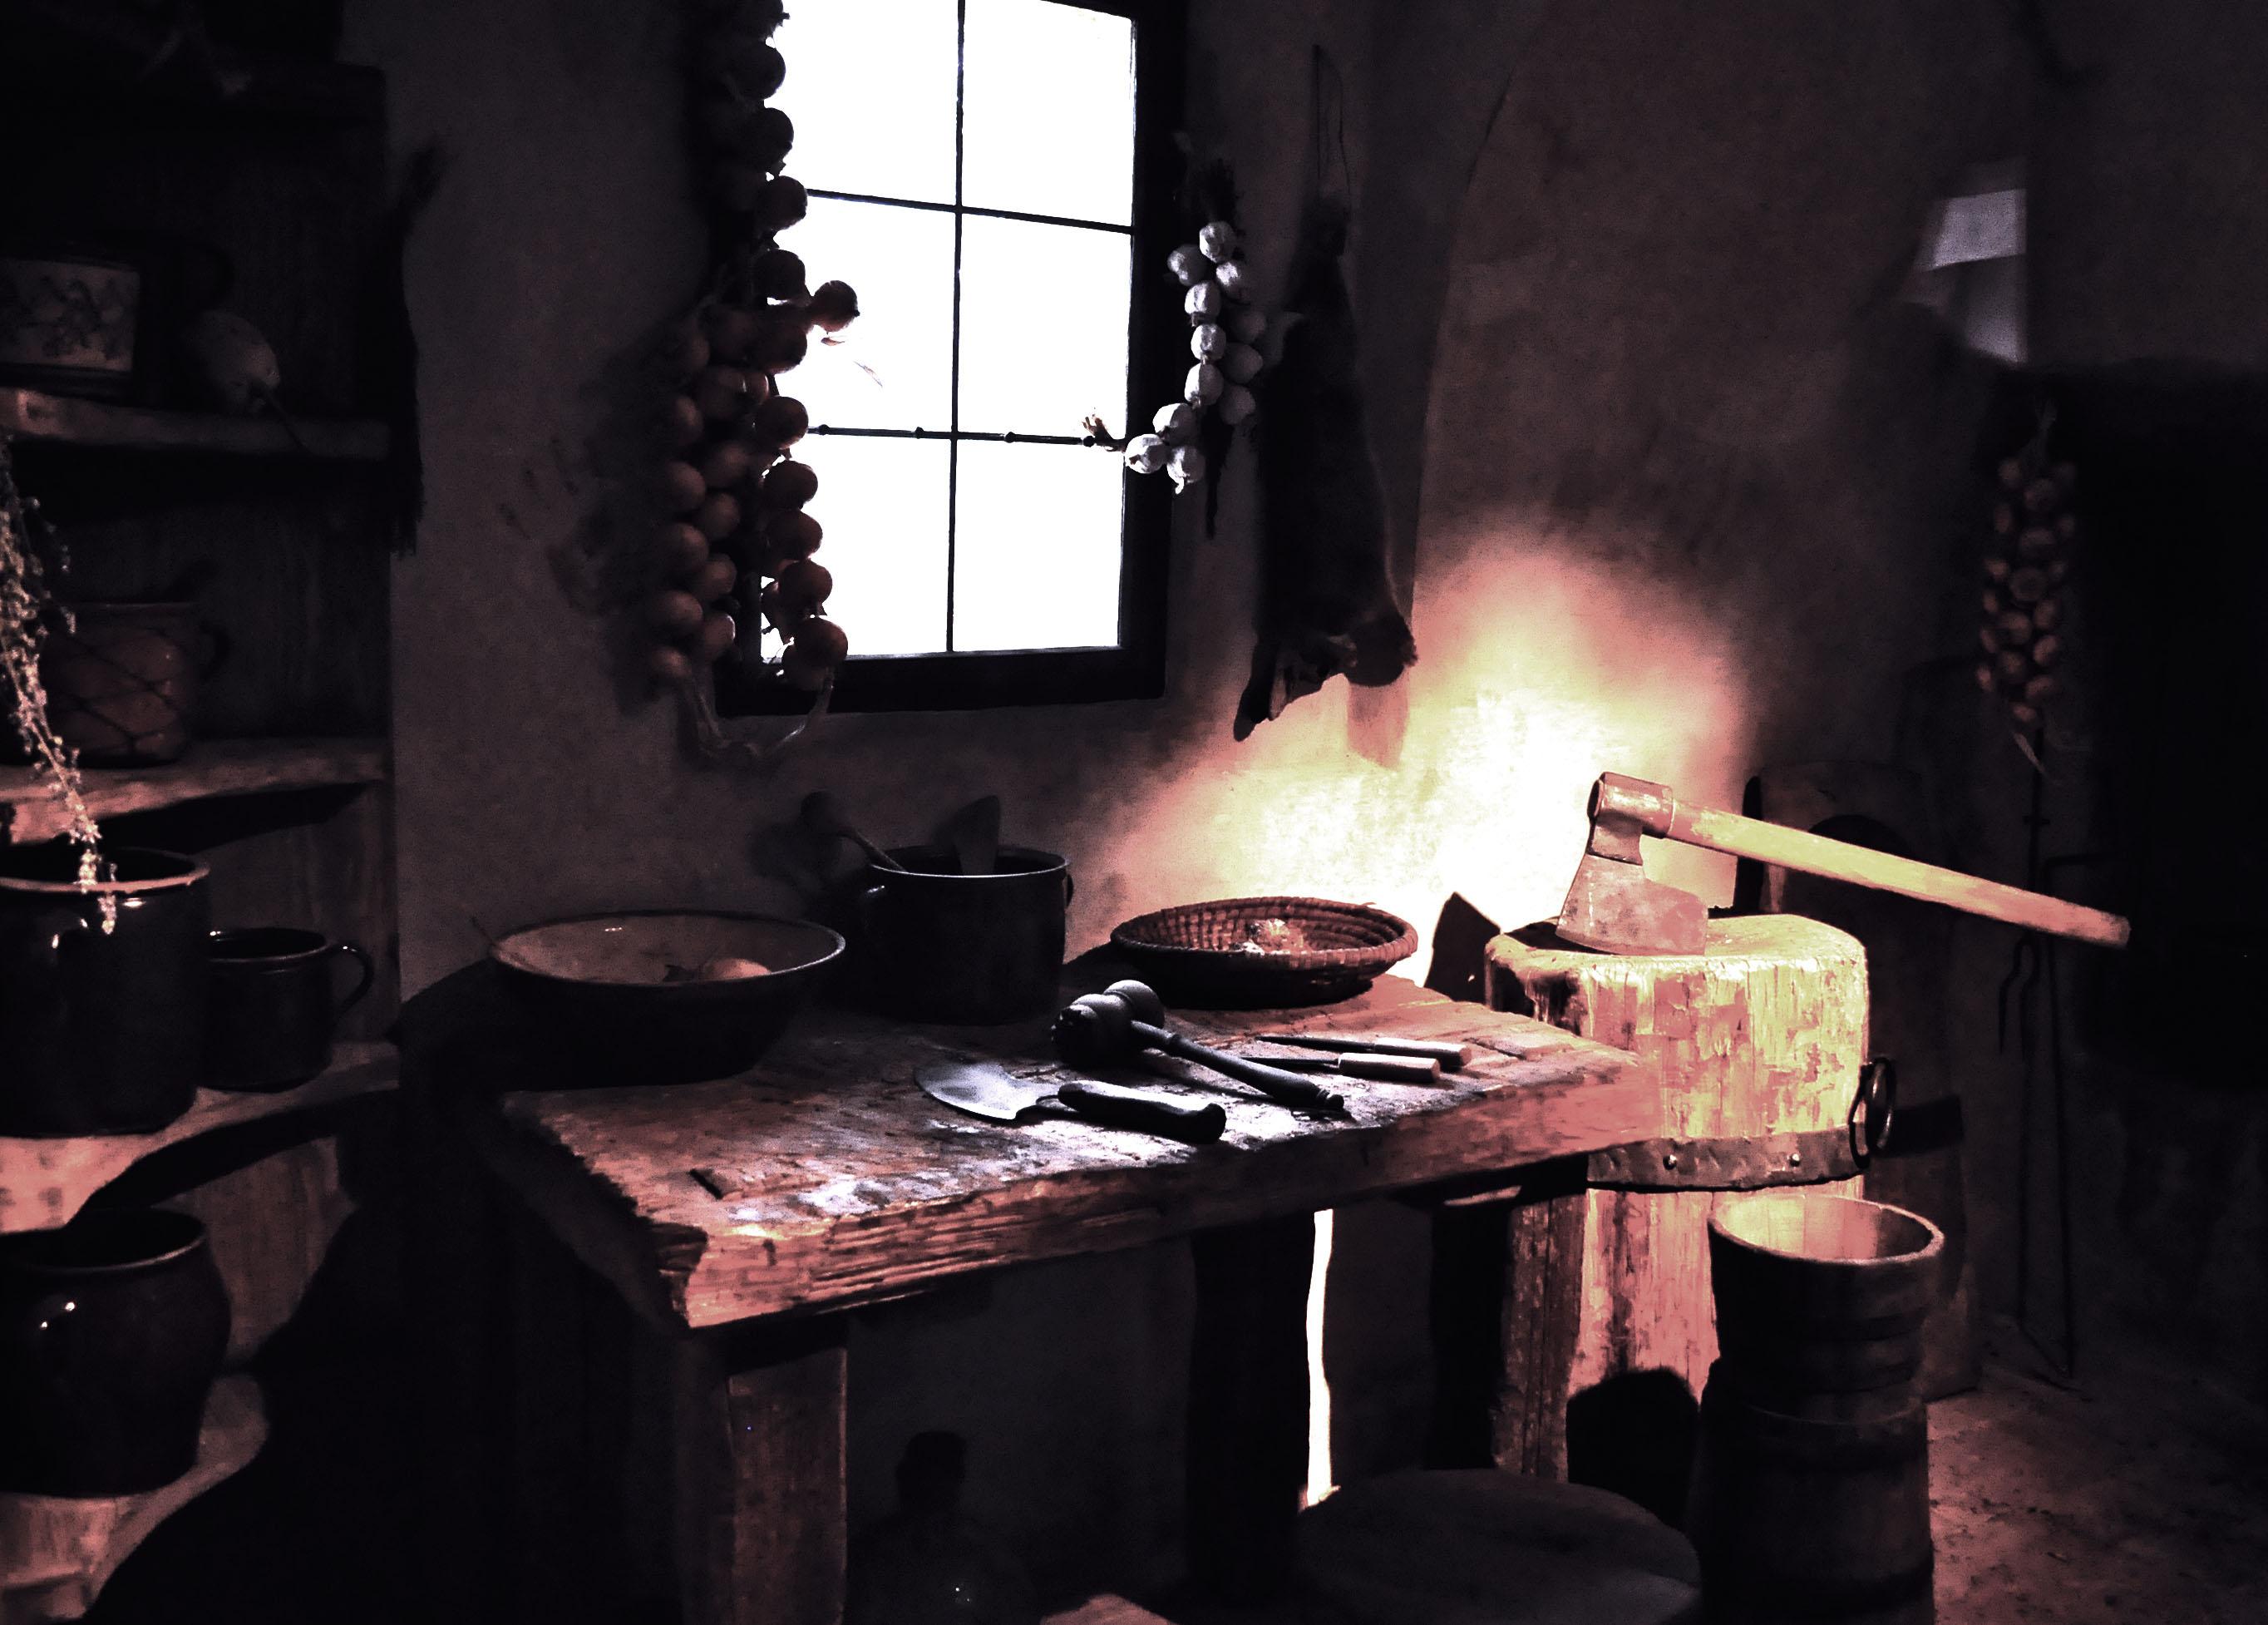 praga-old-dwellings-3